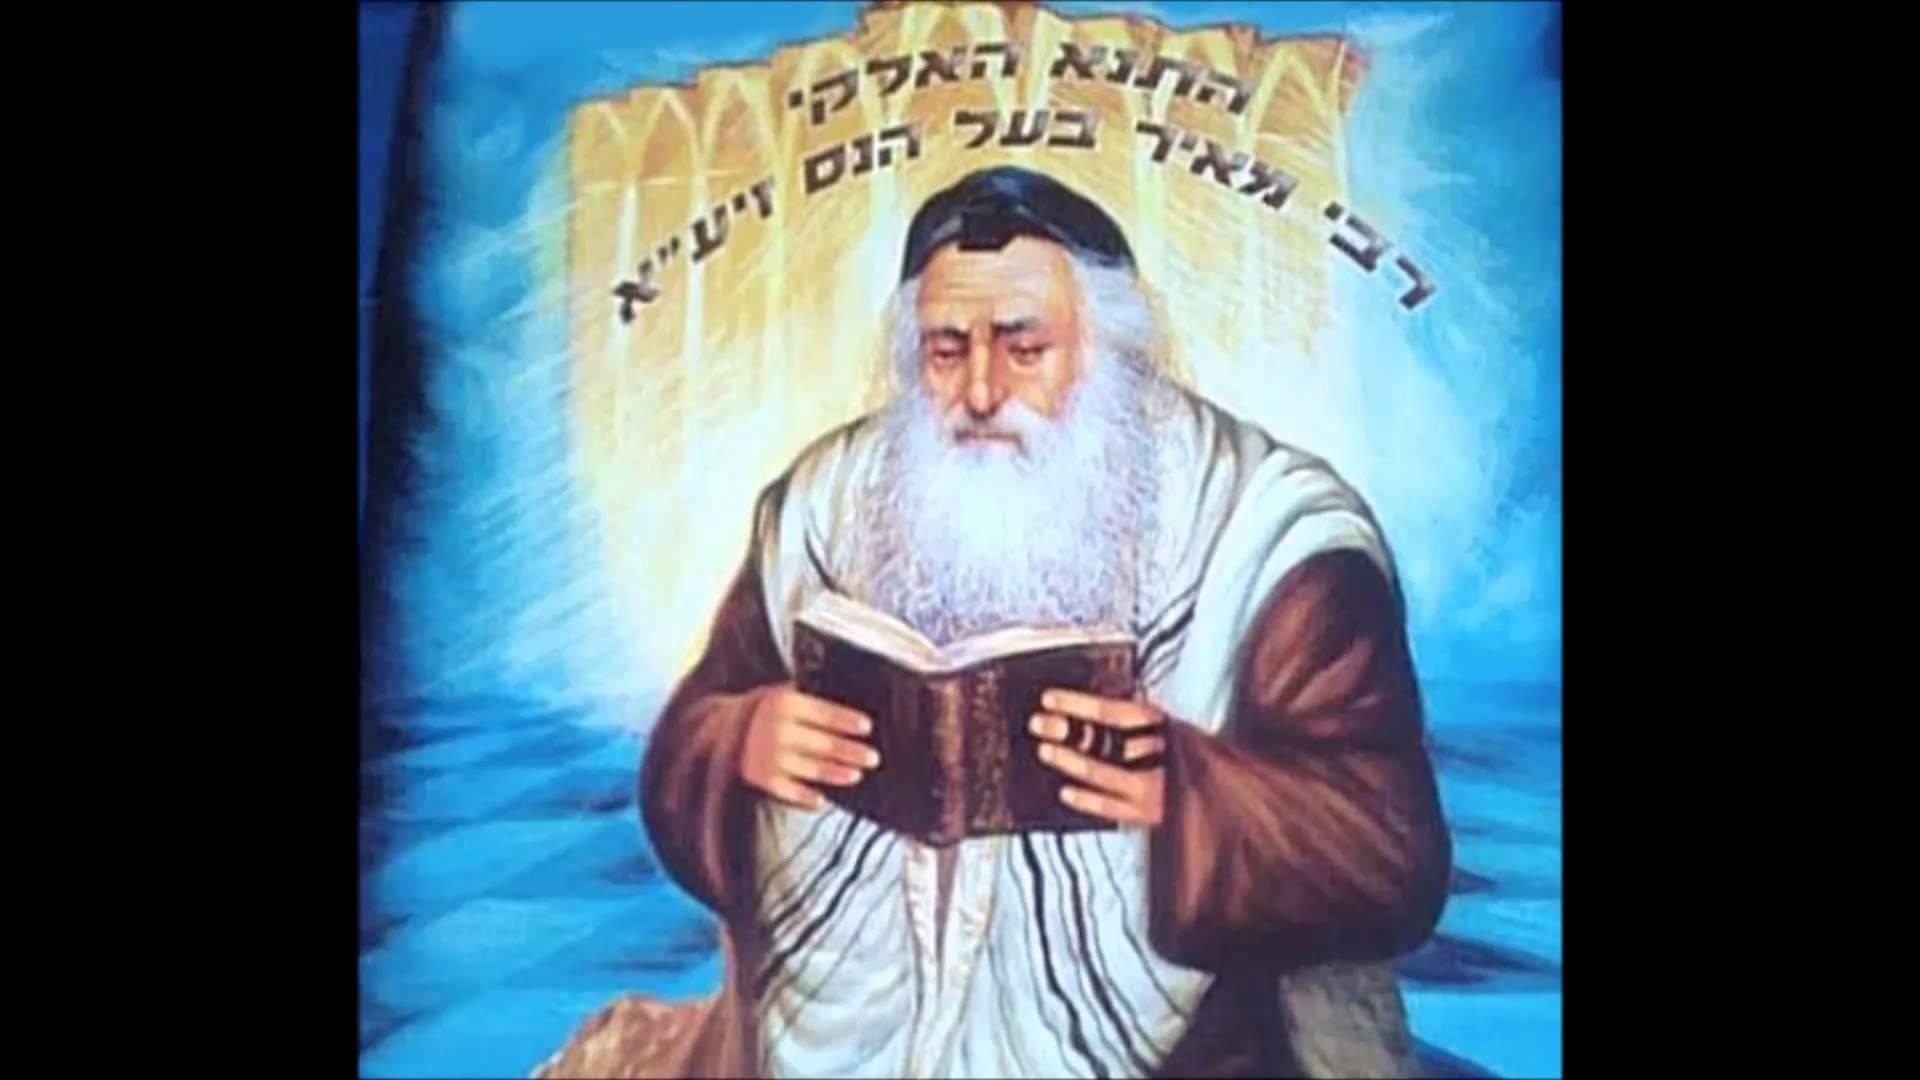 Il est judicieux d'associer l'étude de la Torah au travail - Toldot Chimchon - Pirké Avot Chapitre 4 Michna 12 - Michel Baruch